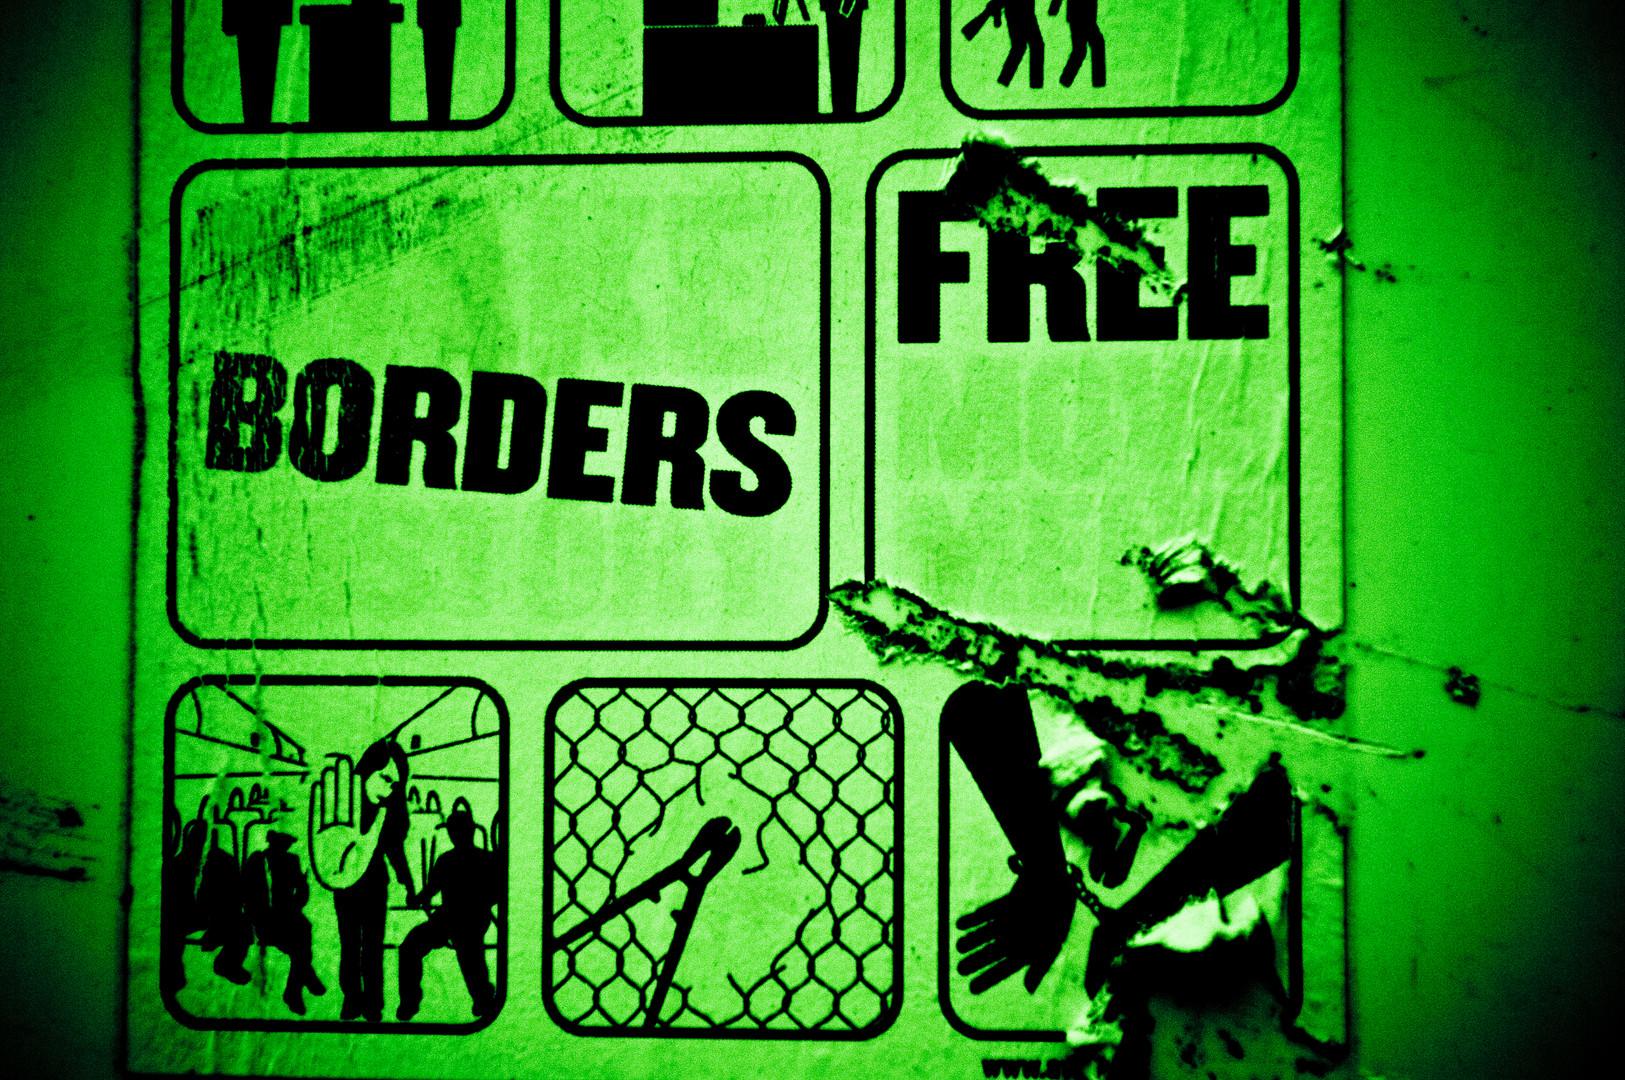 No nation, no border!